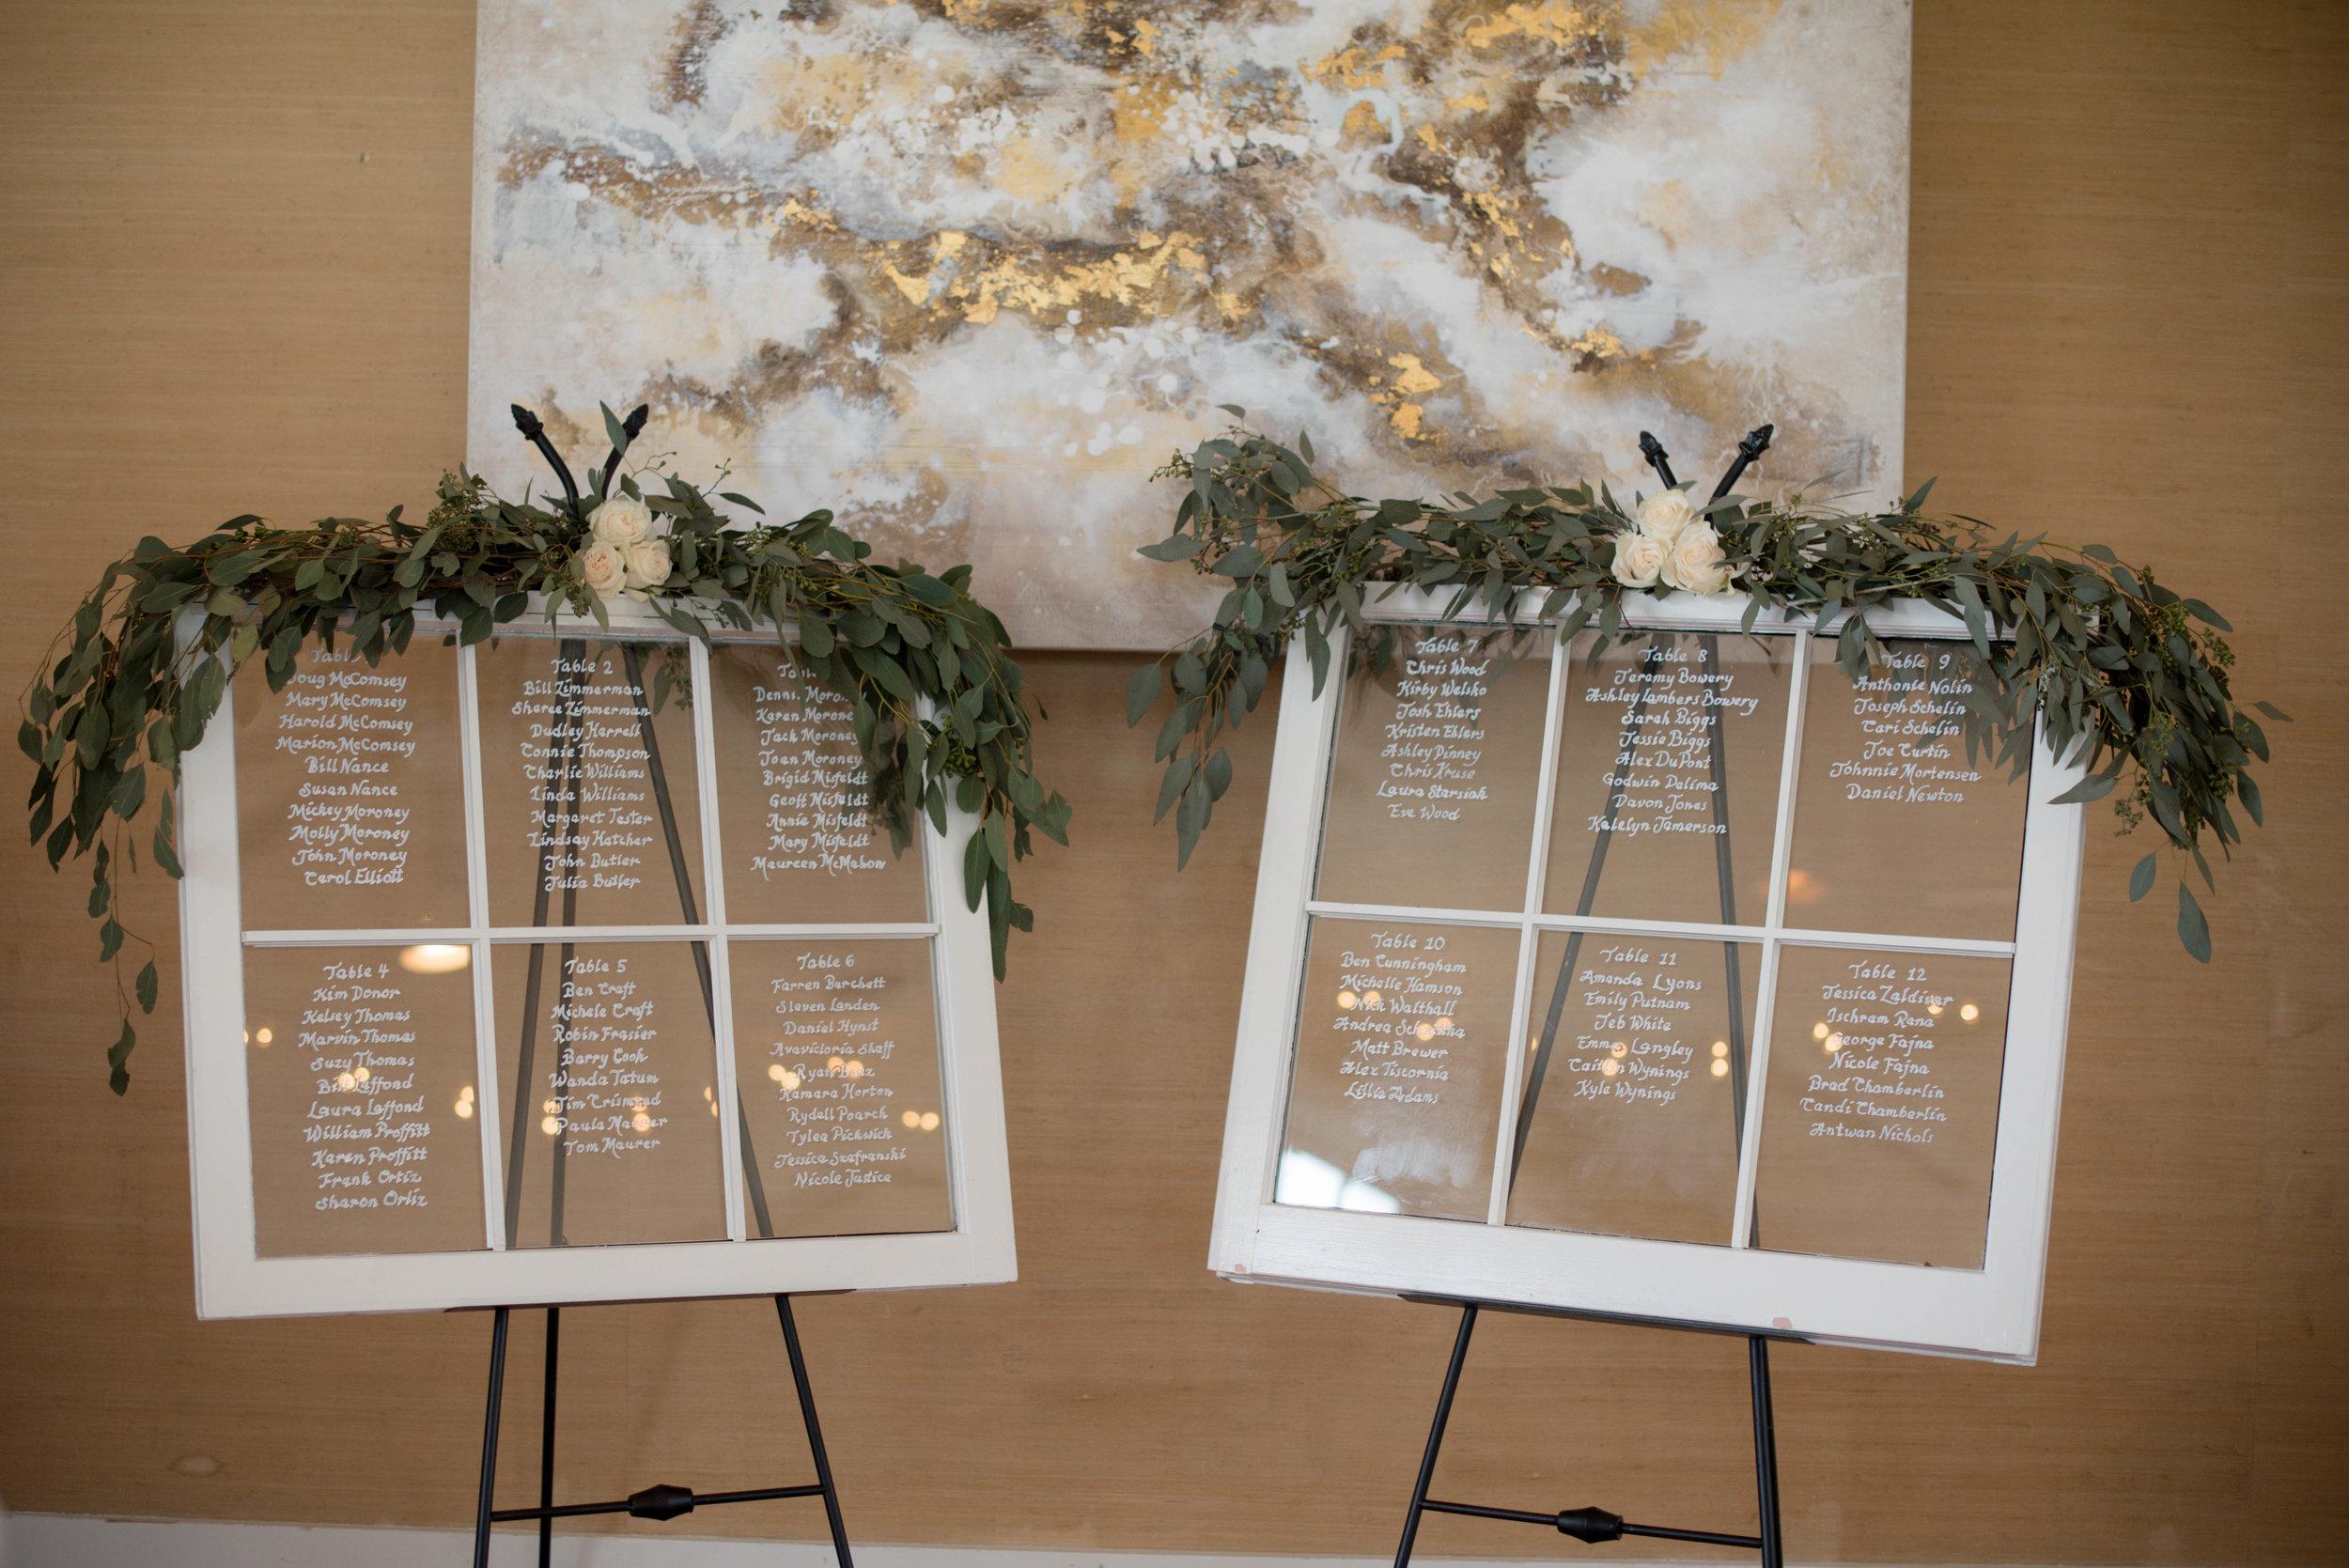 blue-ridge-wedding-ashley-nicole-photography-restoration-hall-crozetphotography-restorationhall-charlottesville-wedding_details-27.jpg